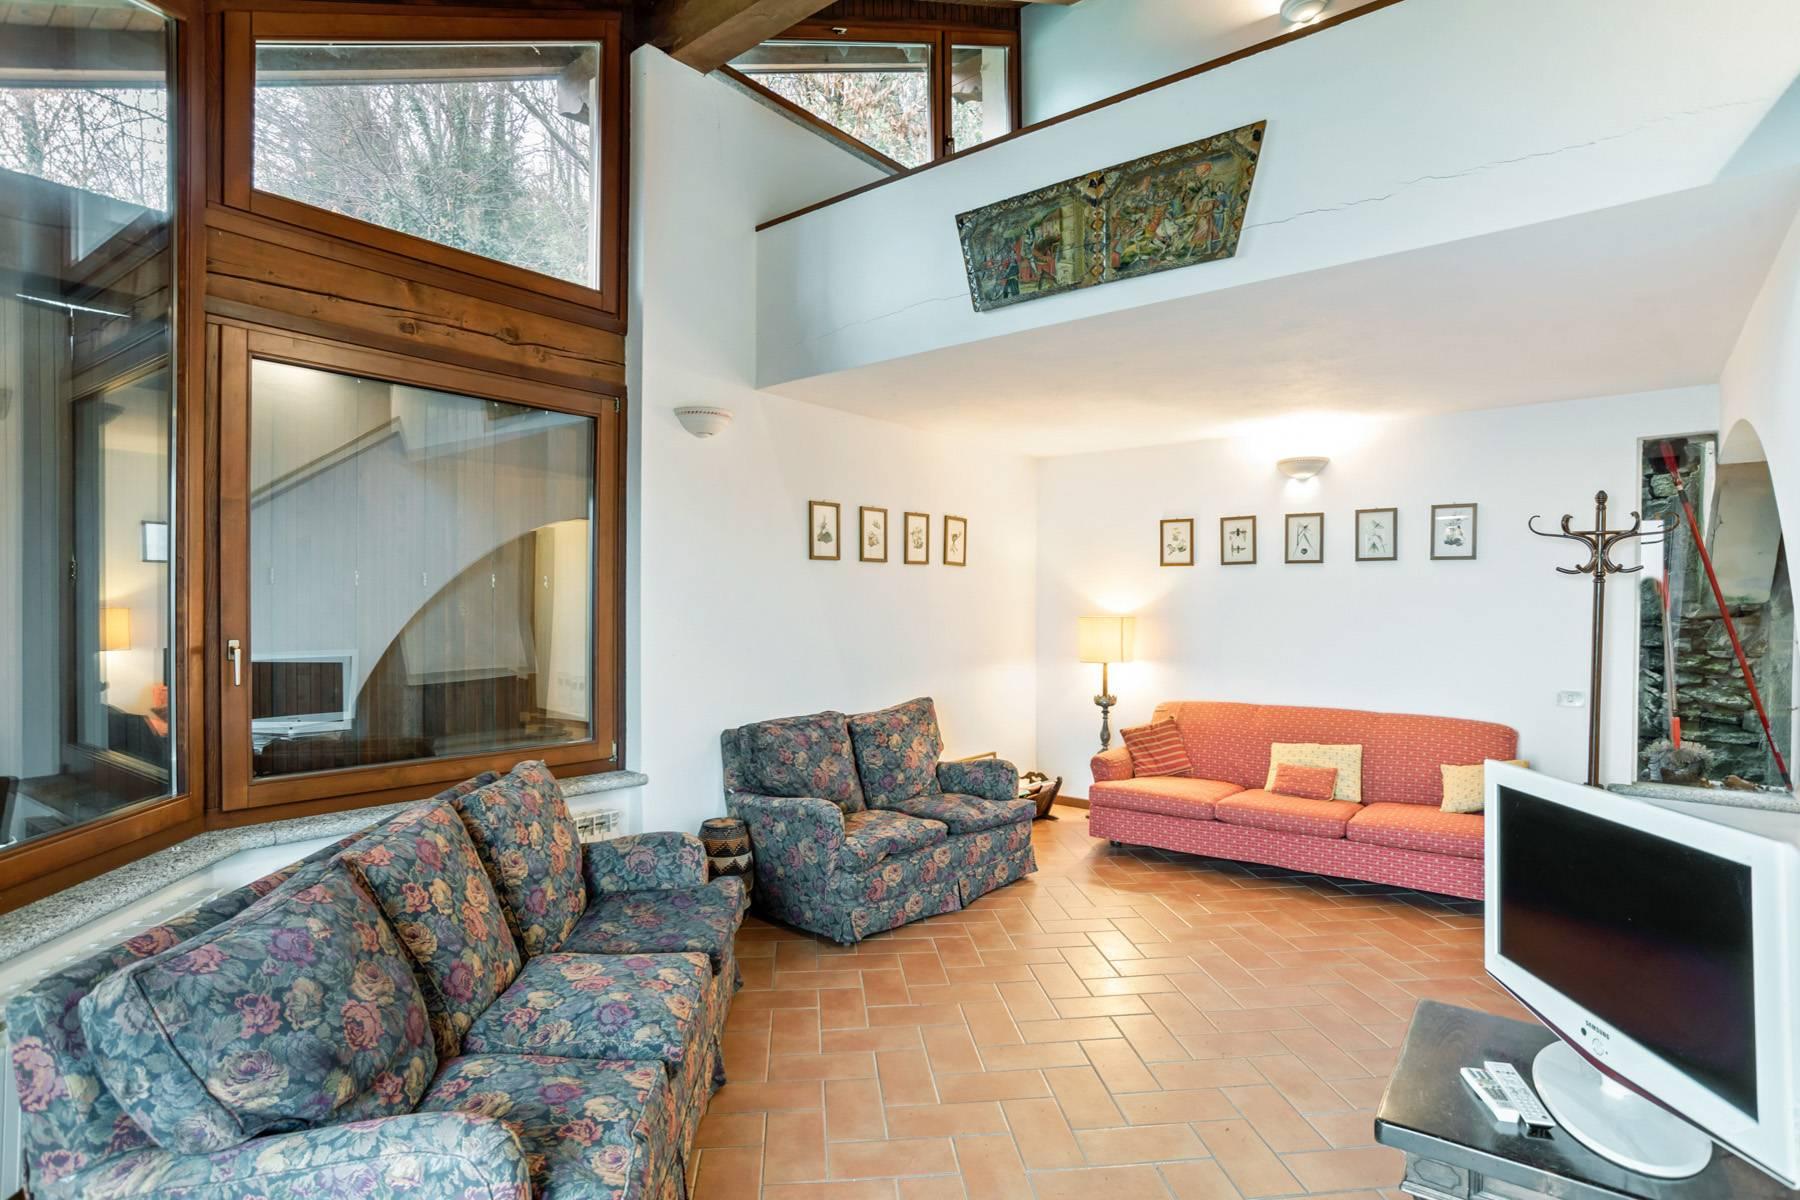 Villa in Vendita a Massino Visconti: 5 locali, 200 mq - Foto 7